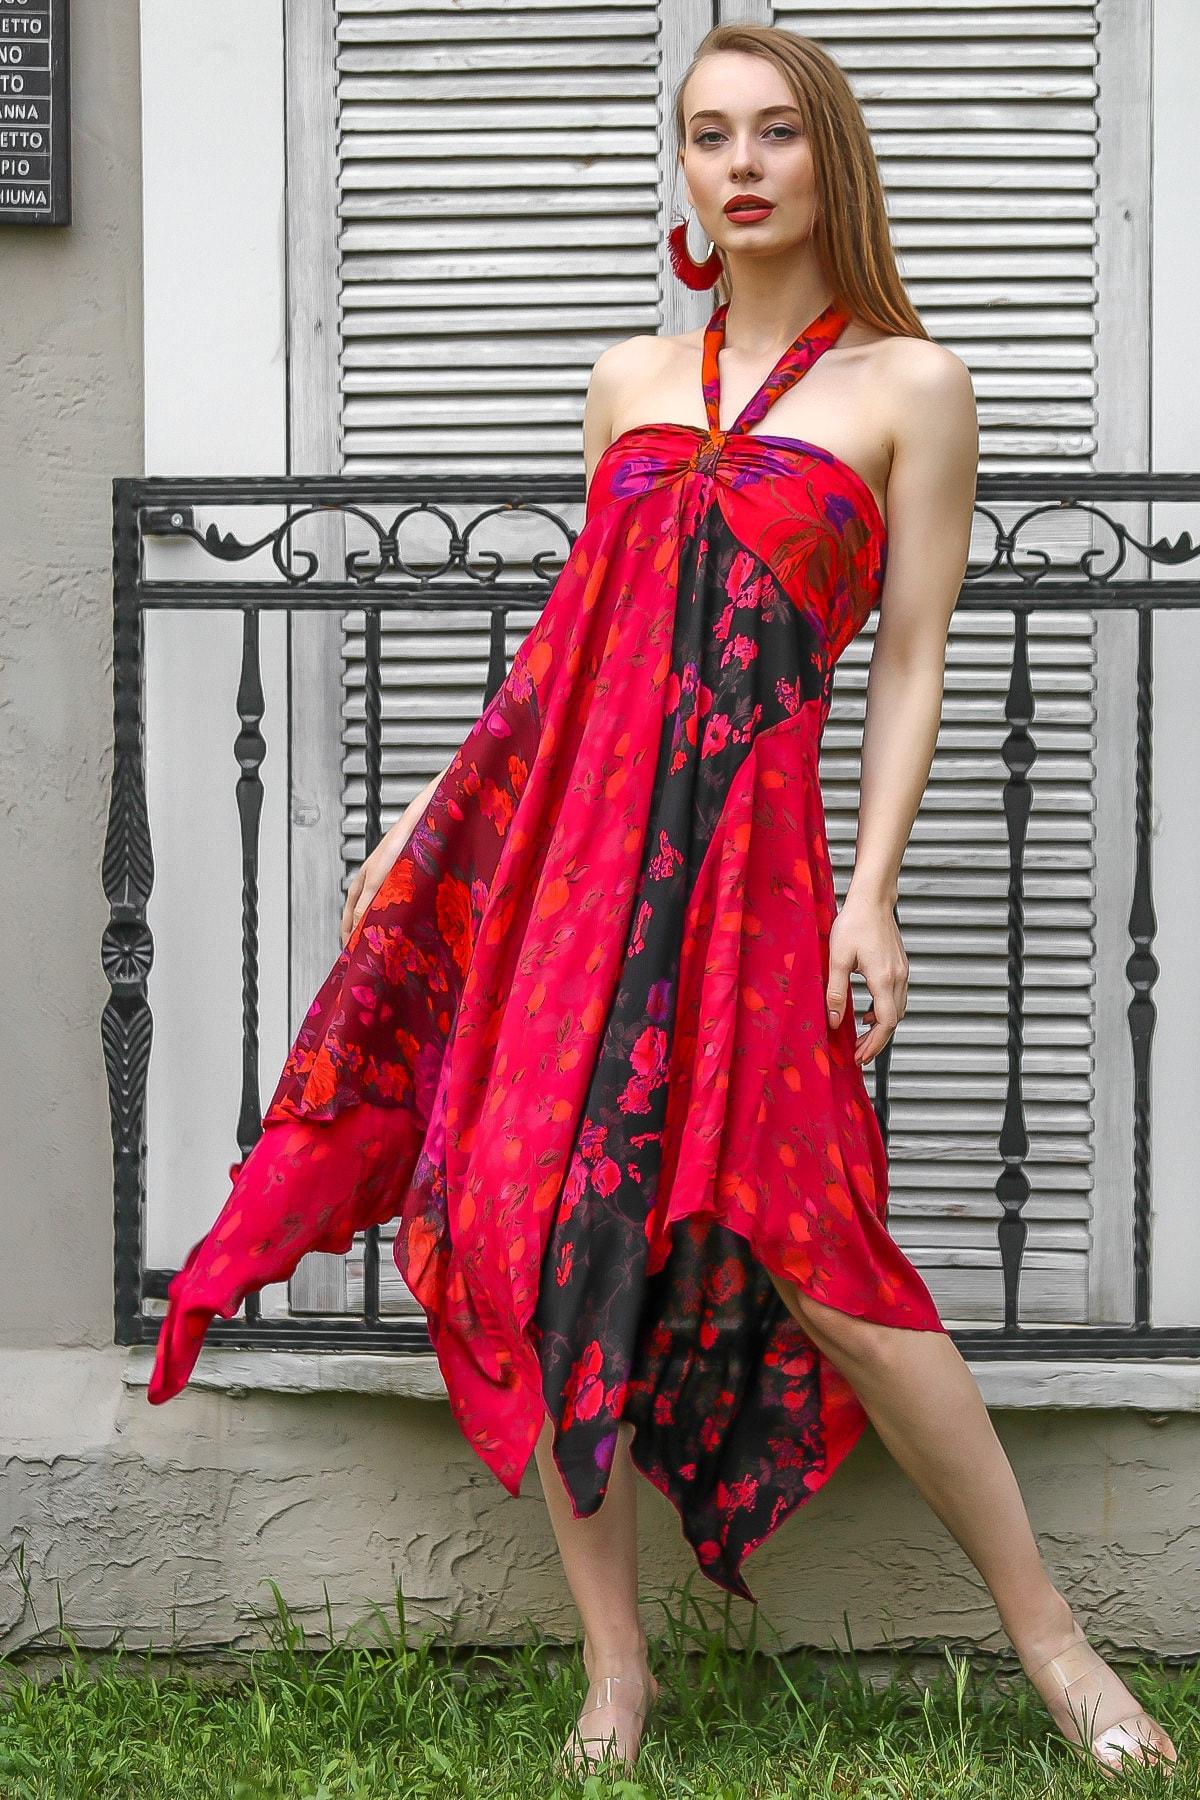 Chiccy Kadın Kırmızı Bohem Straplez Boyundan Bağlamalı Patch Work Çiçekli Asimetrik Elbise M10160000EL96642